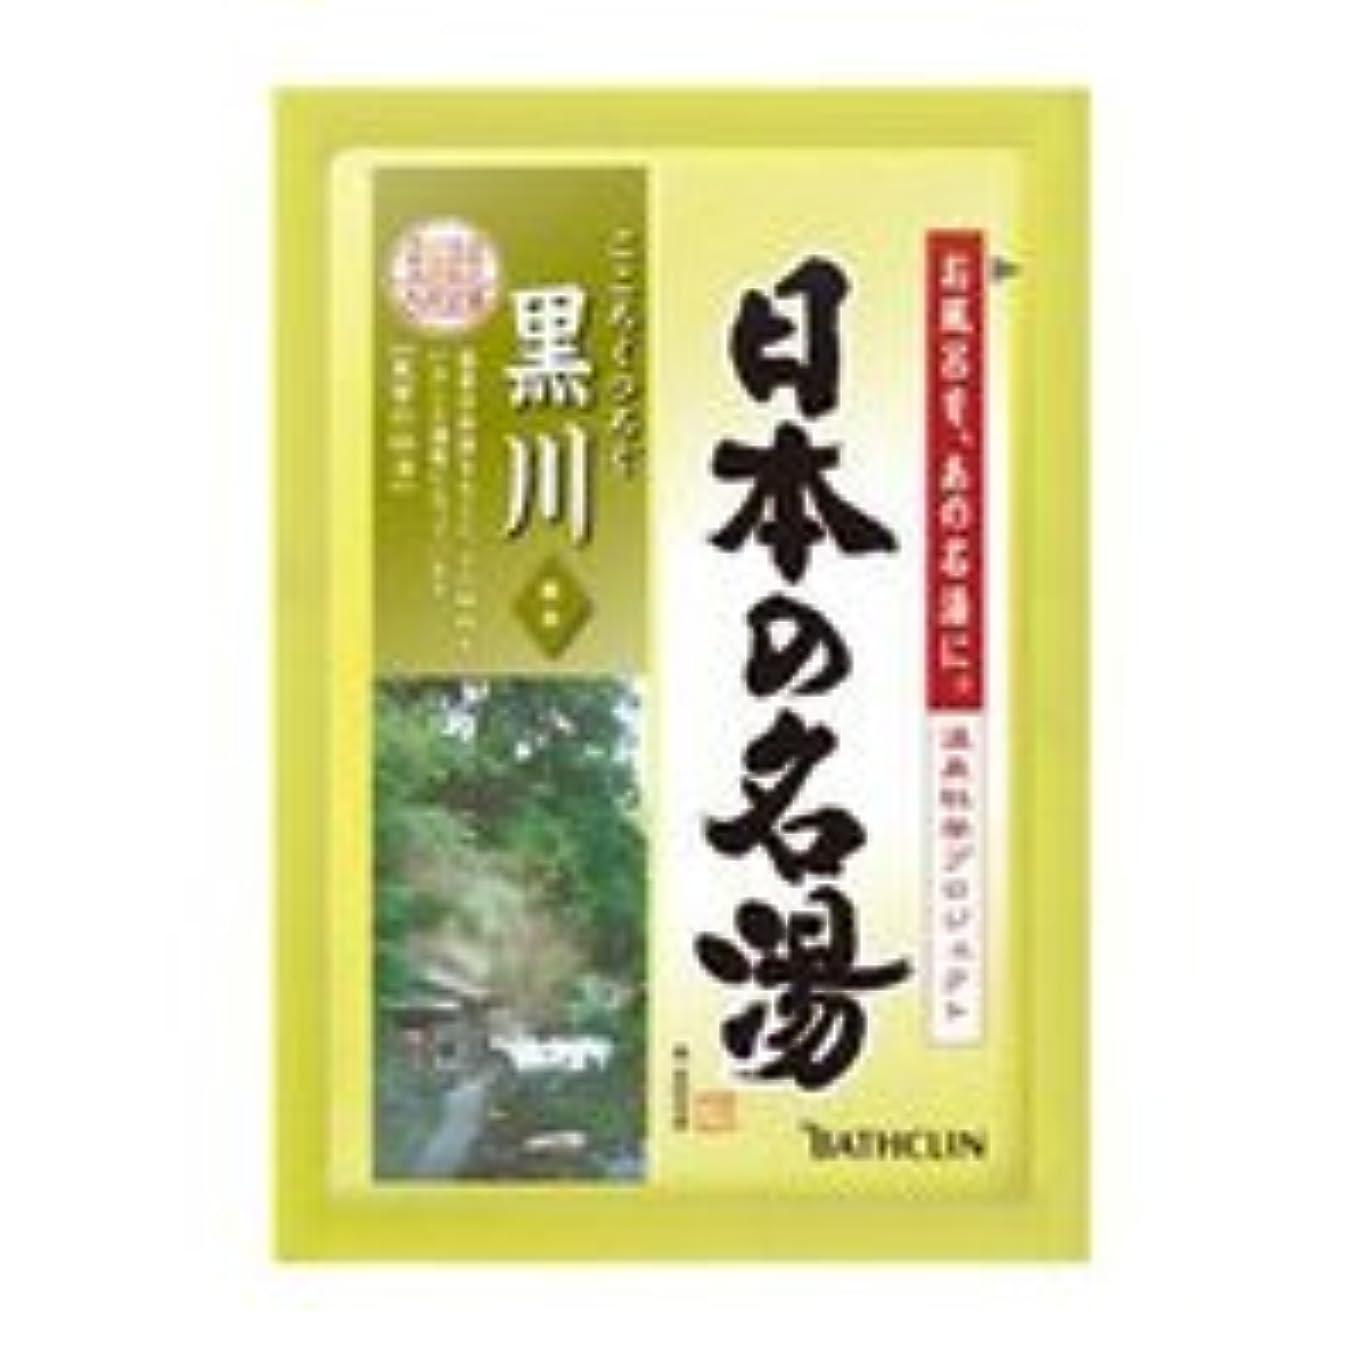 中世の裏切りシャッターバスクリン 日本の名湯 黒川 1包 30g (温泉タイプ入浴剤)×120点セット (4548514135093)